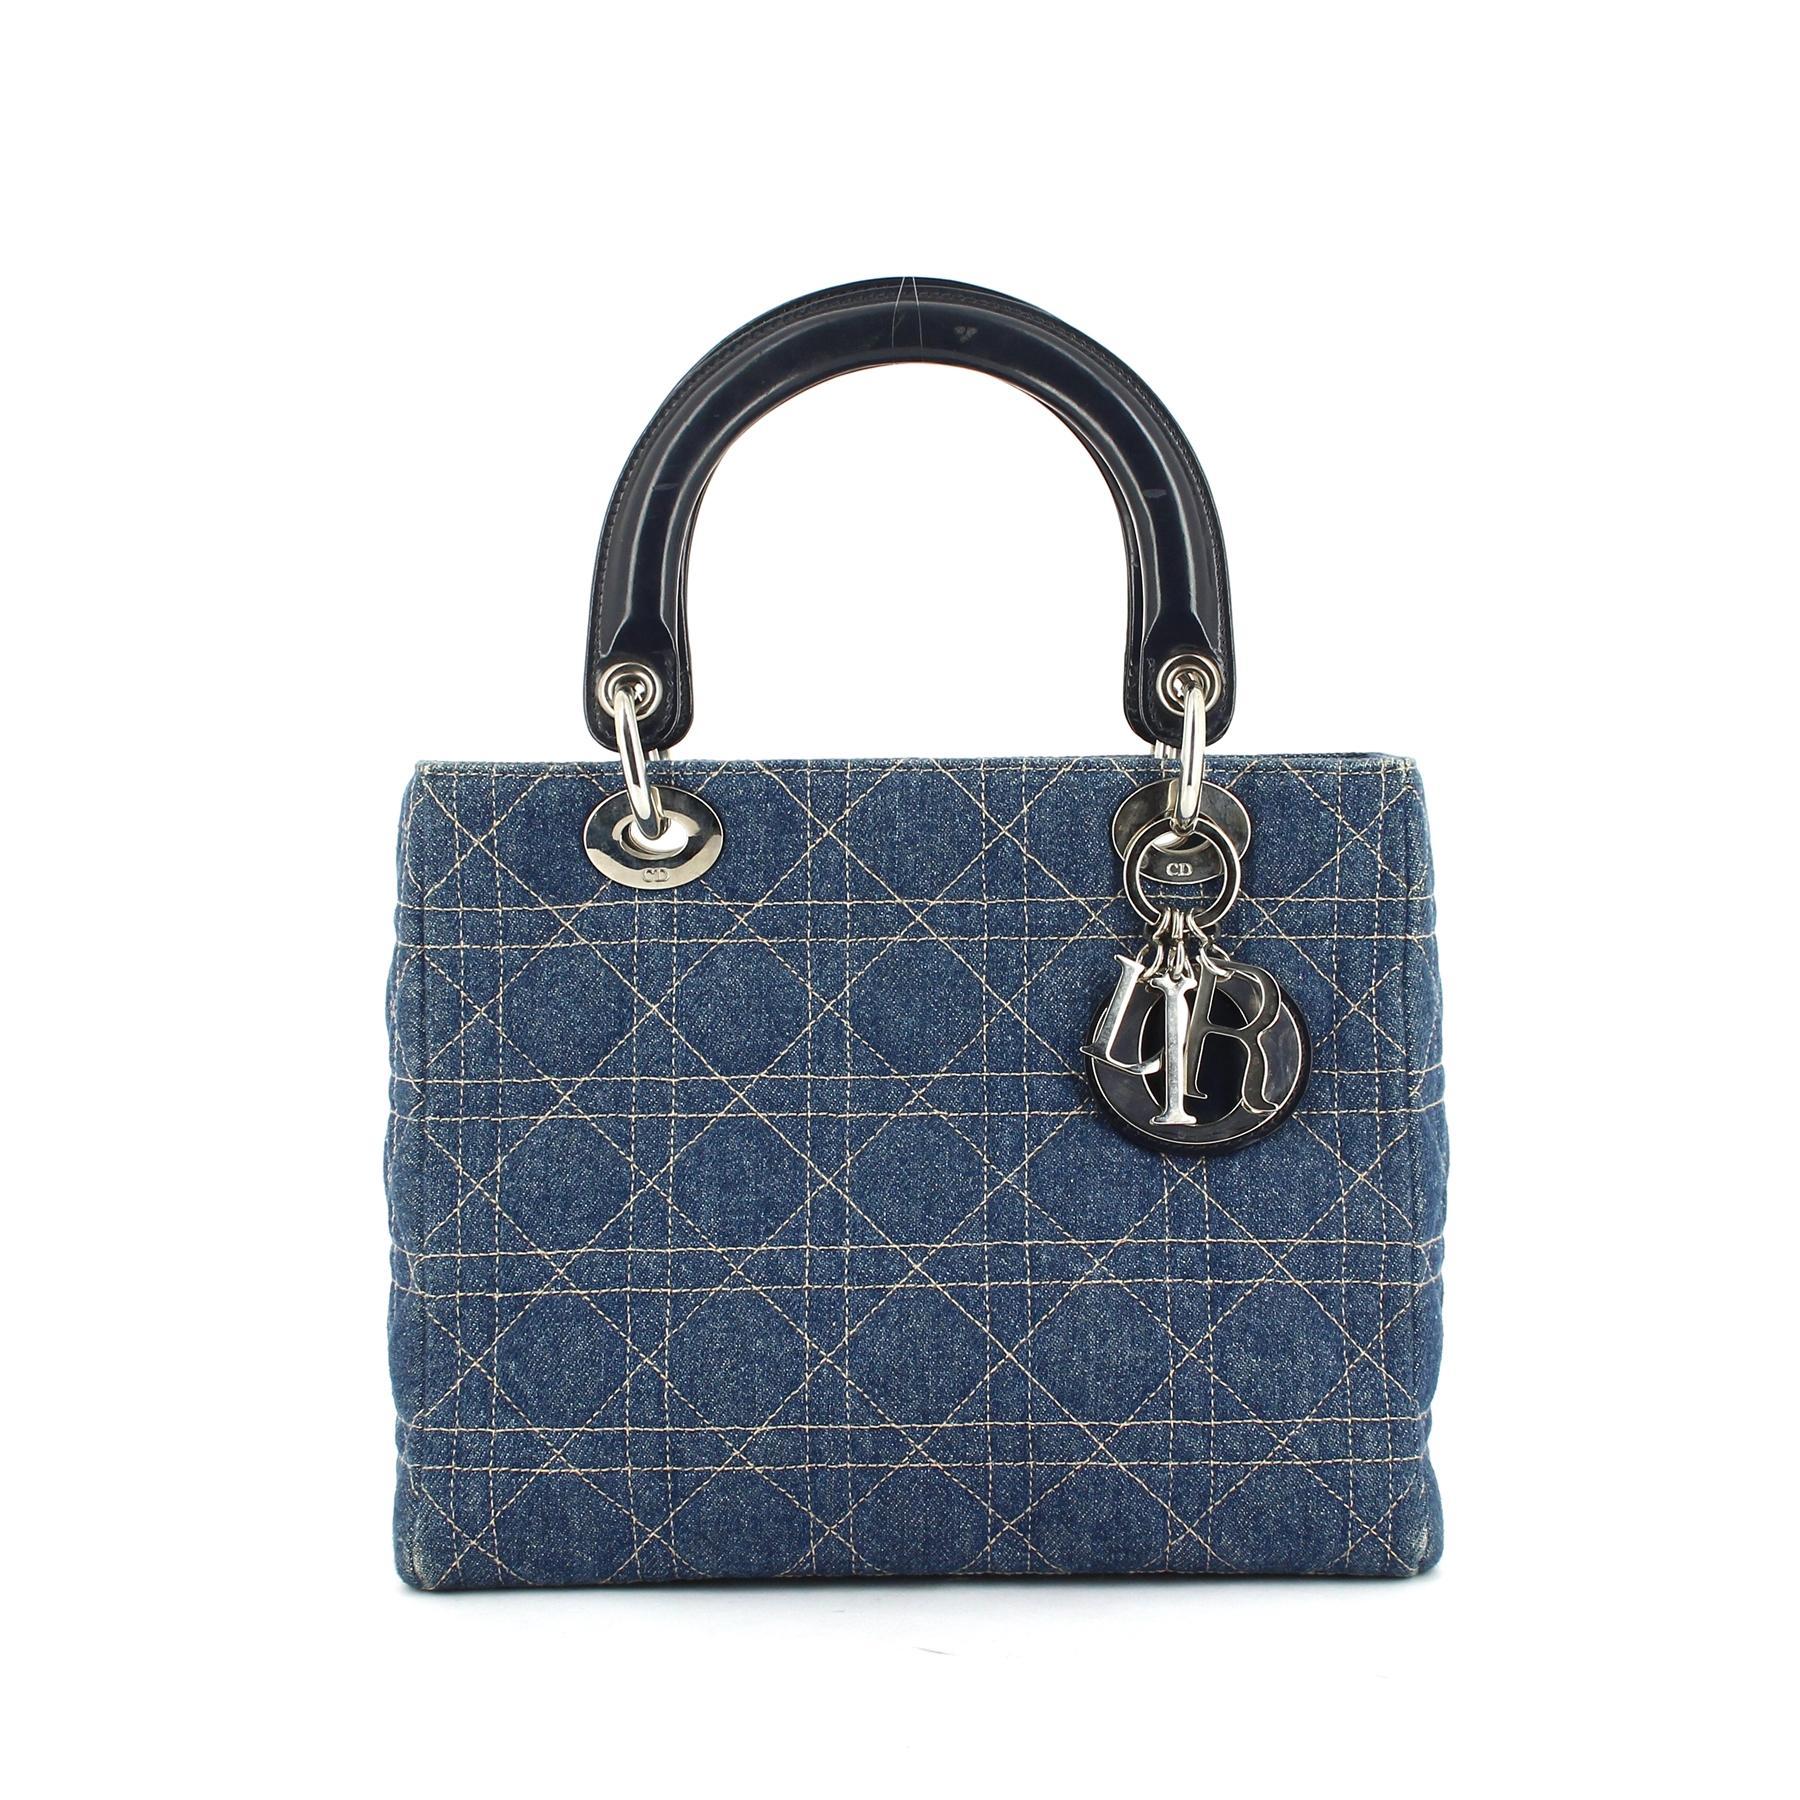 eb70aea1911 ... Lady Dior ...